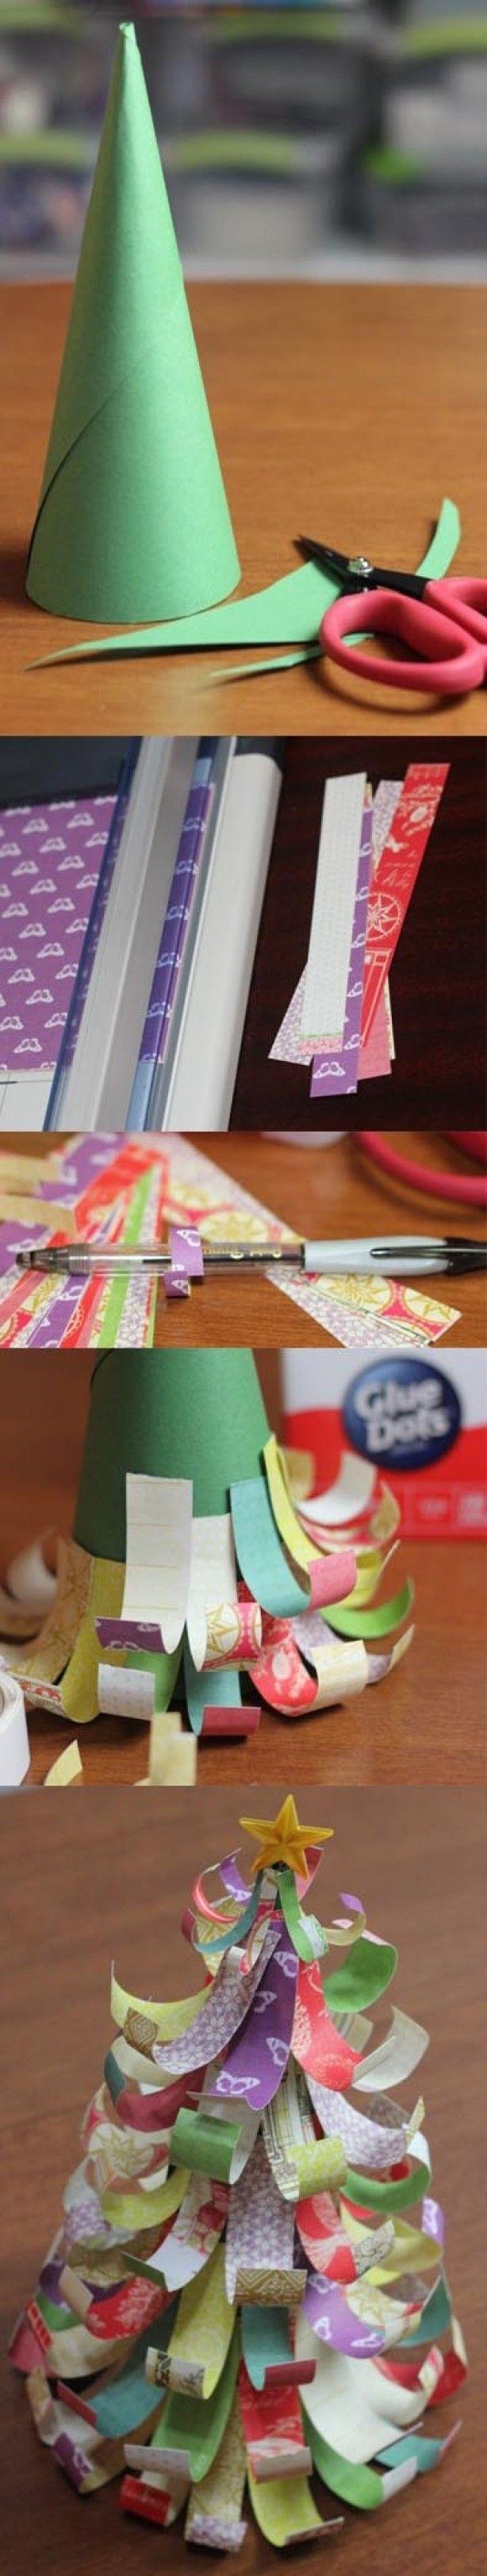 knutsel ideeën voor kerst